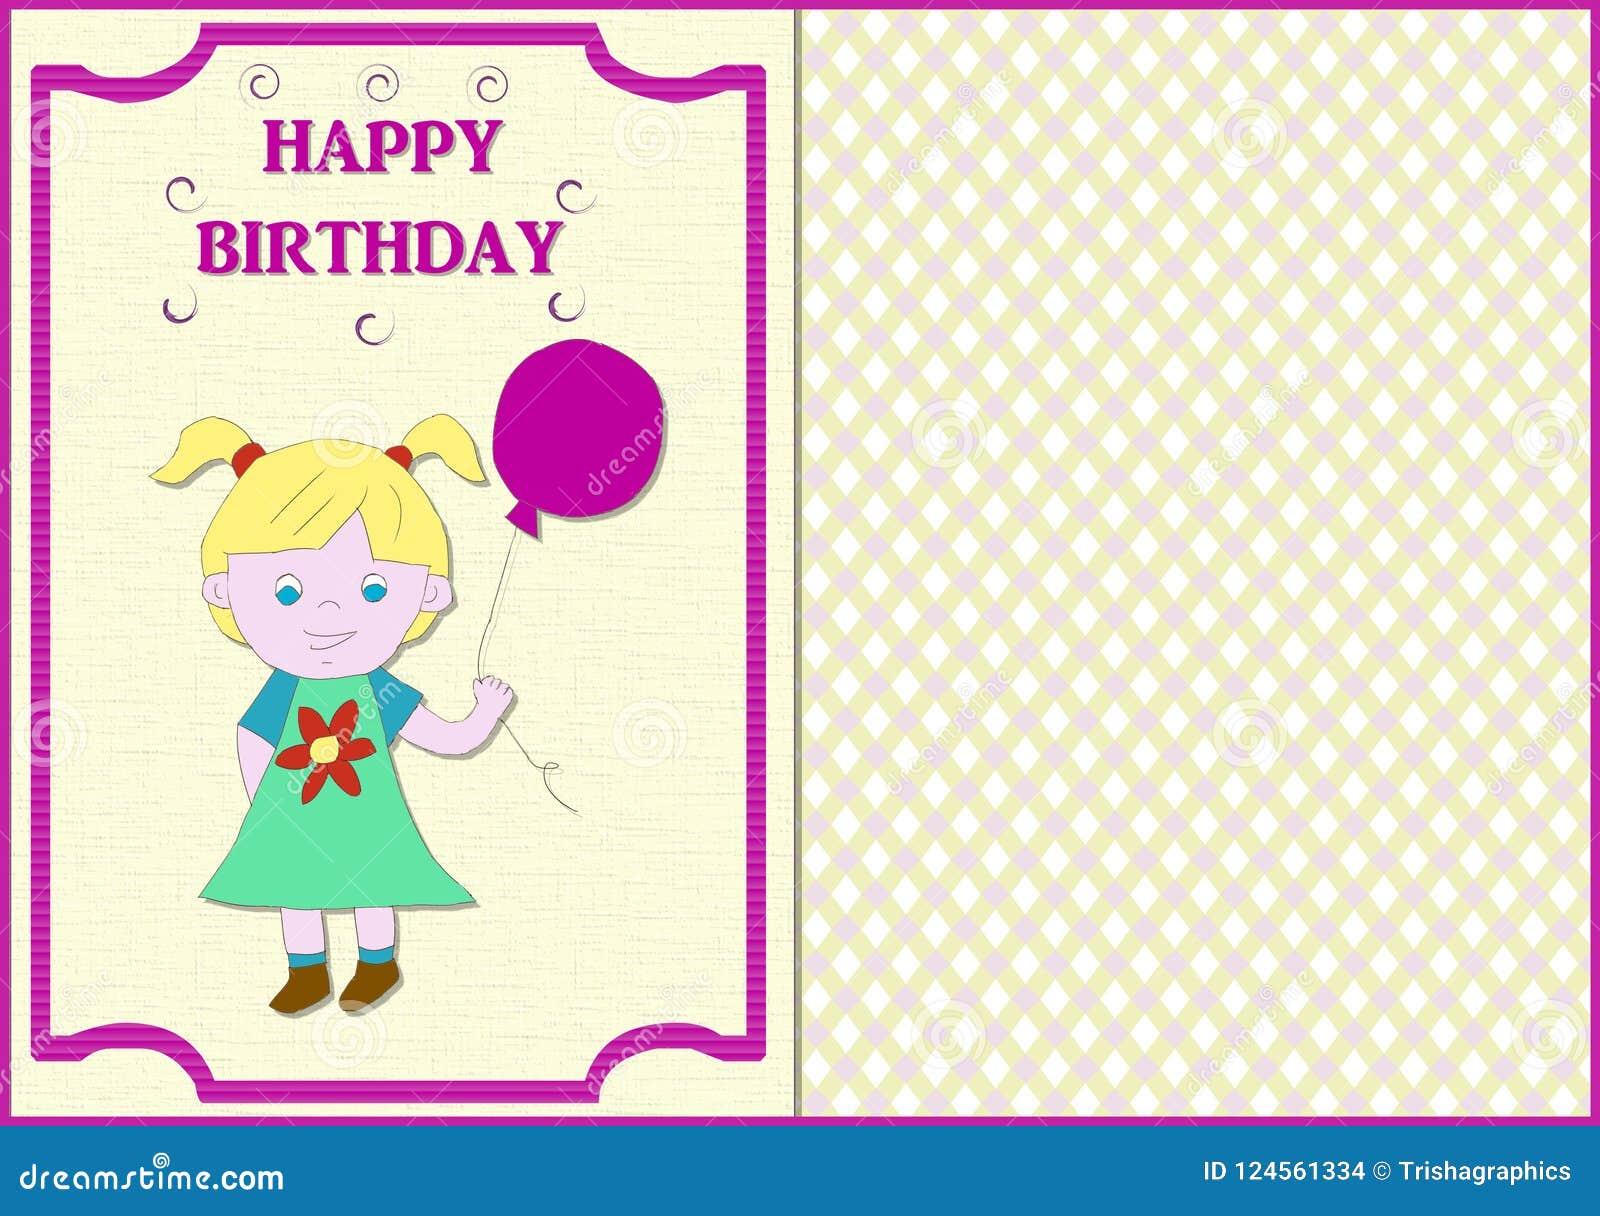 Biglietto Di Compleanno Bambina Illustrazione Di Stock